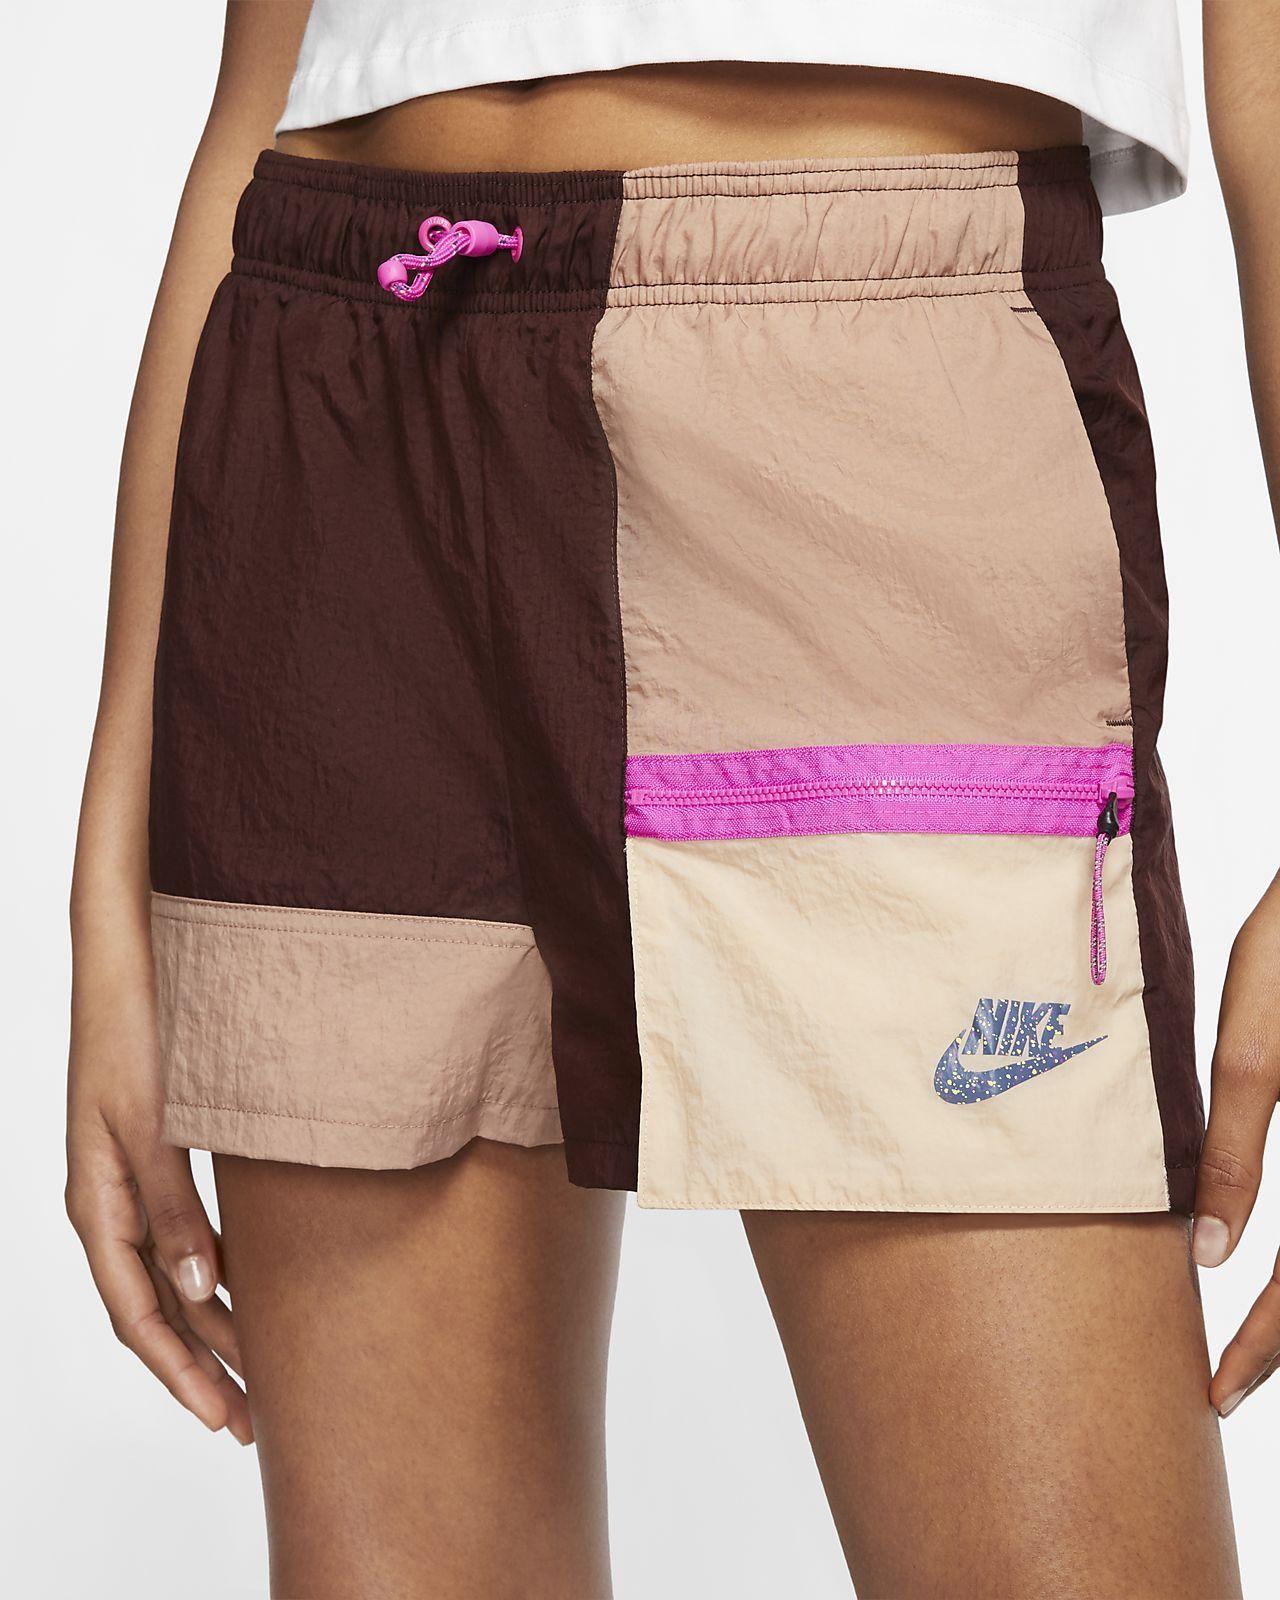 𝗧𝗥𝗡𝗗𝗬🔥 on Twitter in 2020 Womens shorts, Nike sportswear